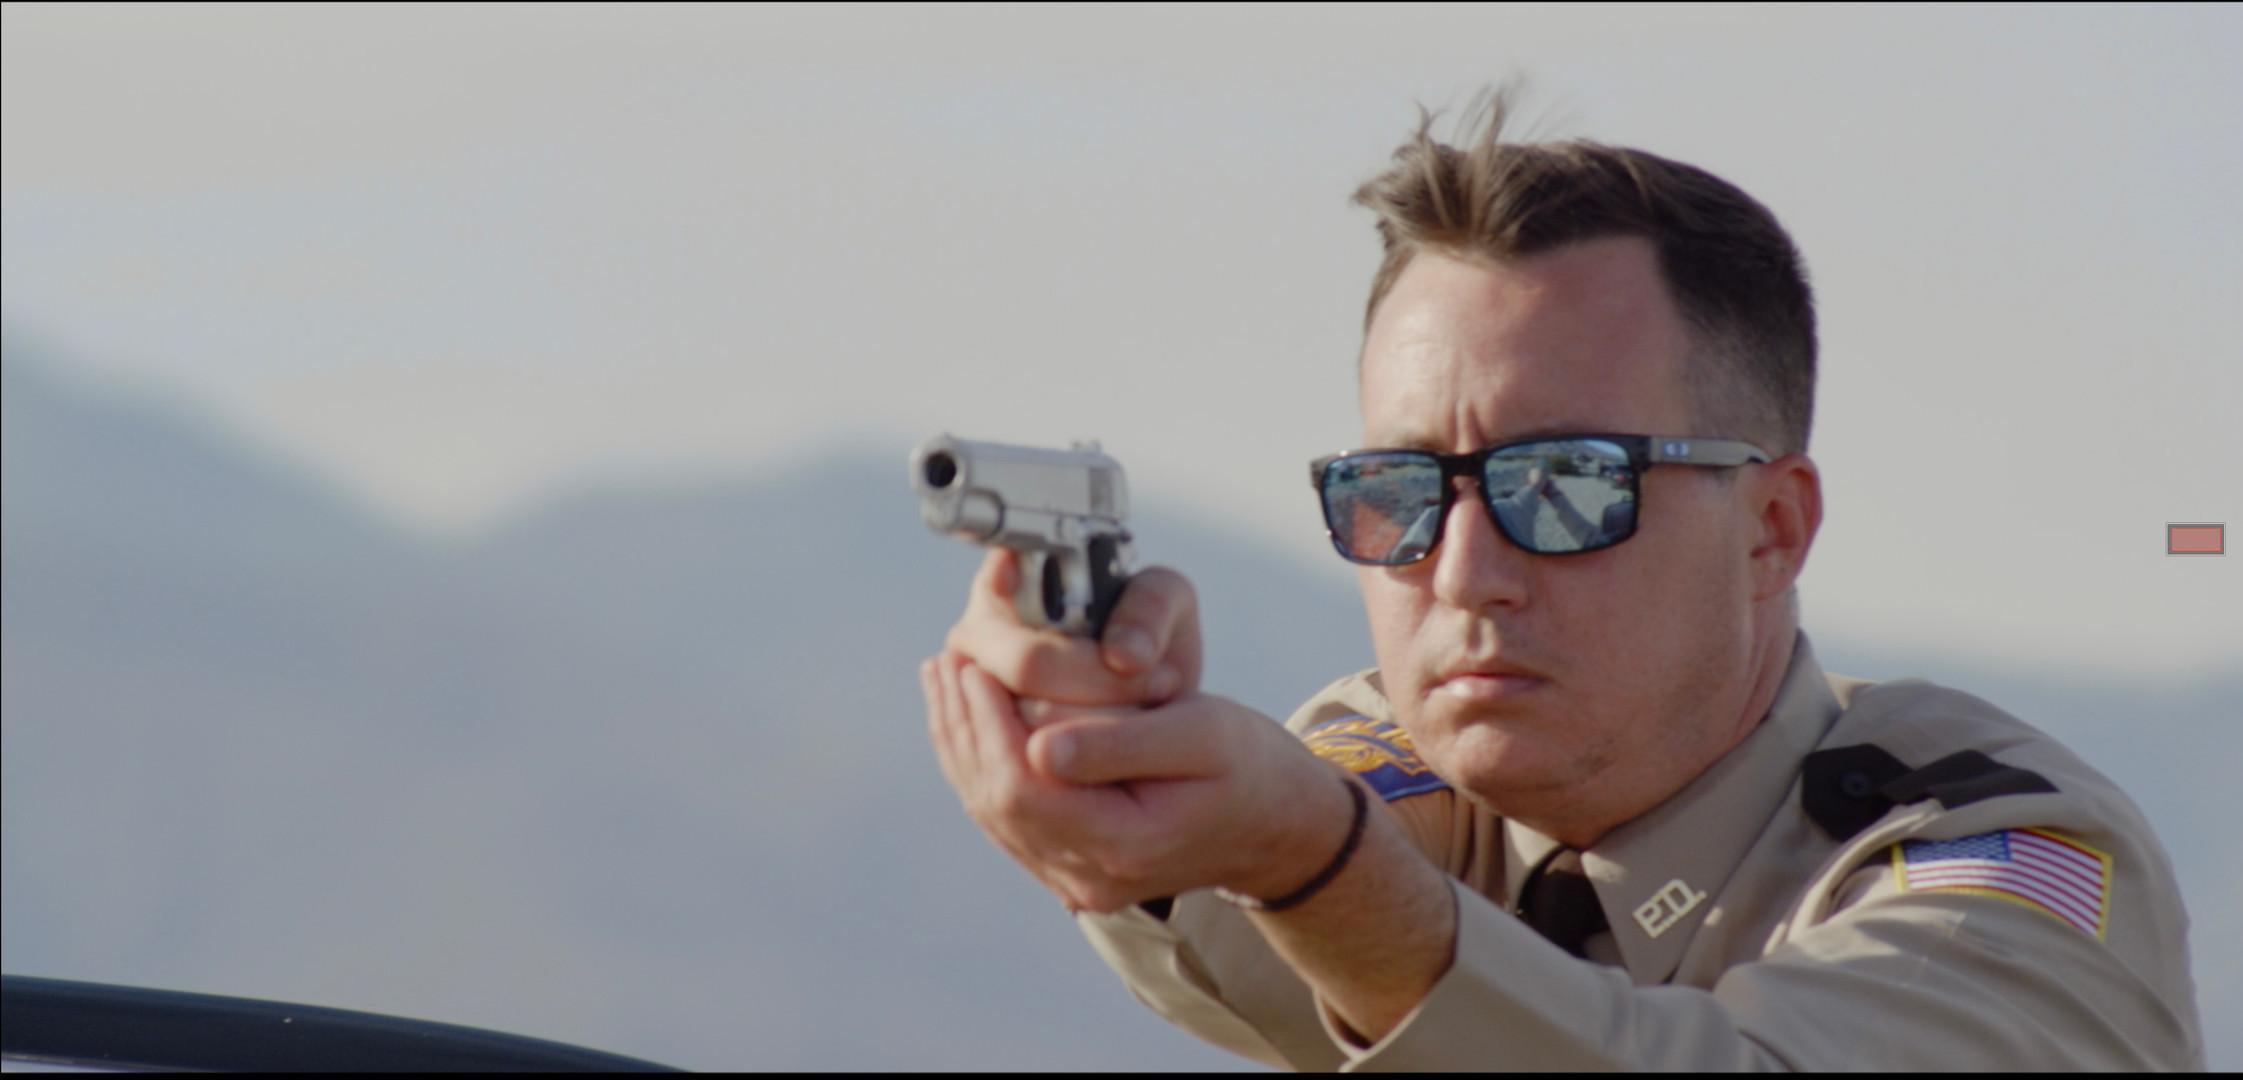 Officer Martin